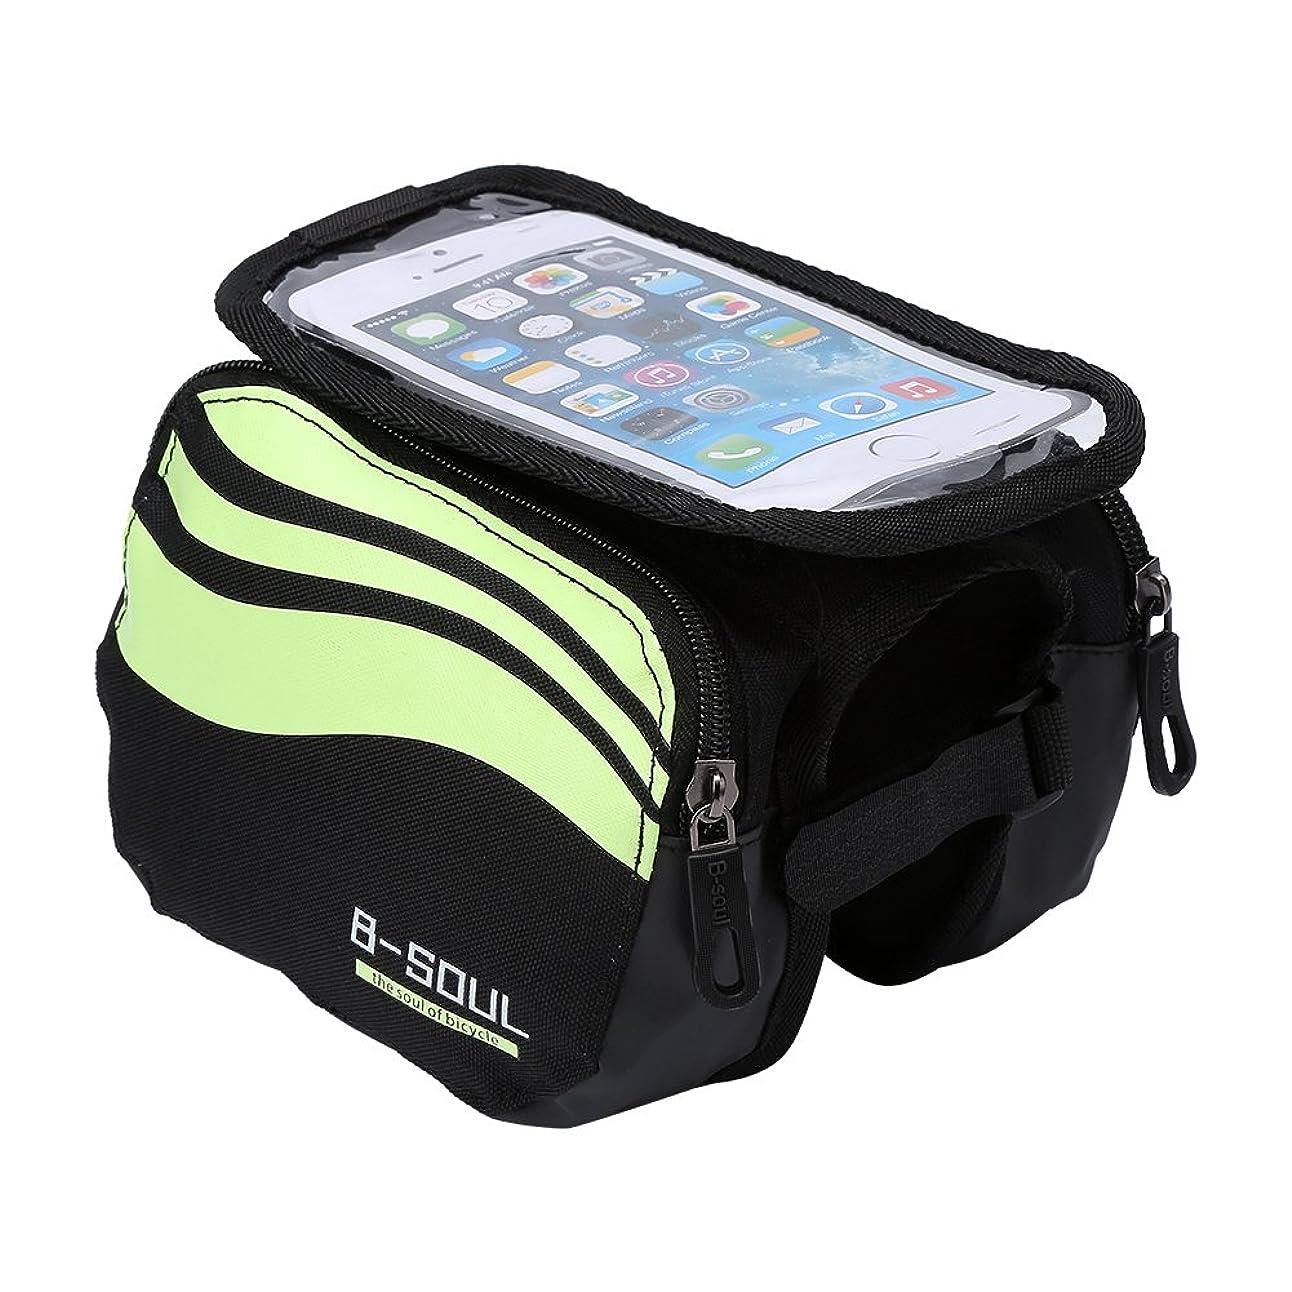 化学薬品約マイクロフォンEboxer 3色 自転車バッグ フロントチューブバッグ 携帯電話 バイクバッグ キャンプ ハイキング サイクリングアクセサリー